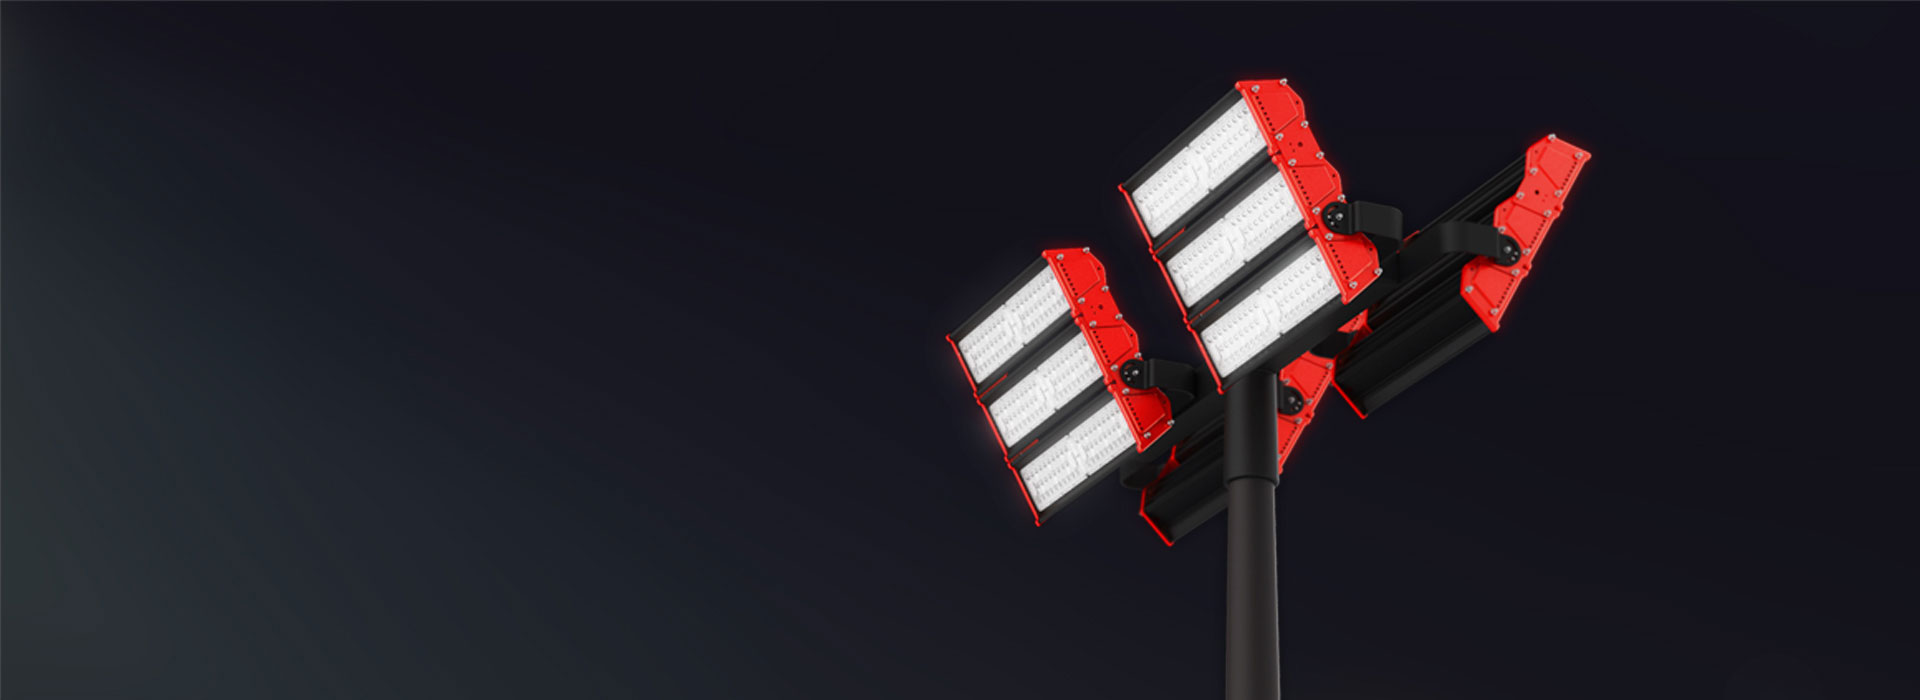 Икономично ЛЕД осветление за промишлени пространства - халета и складове